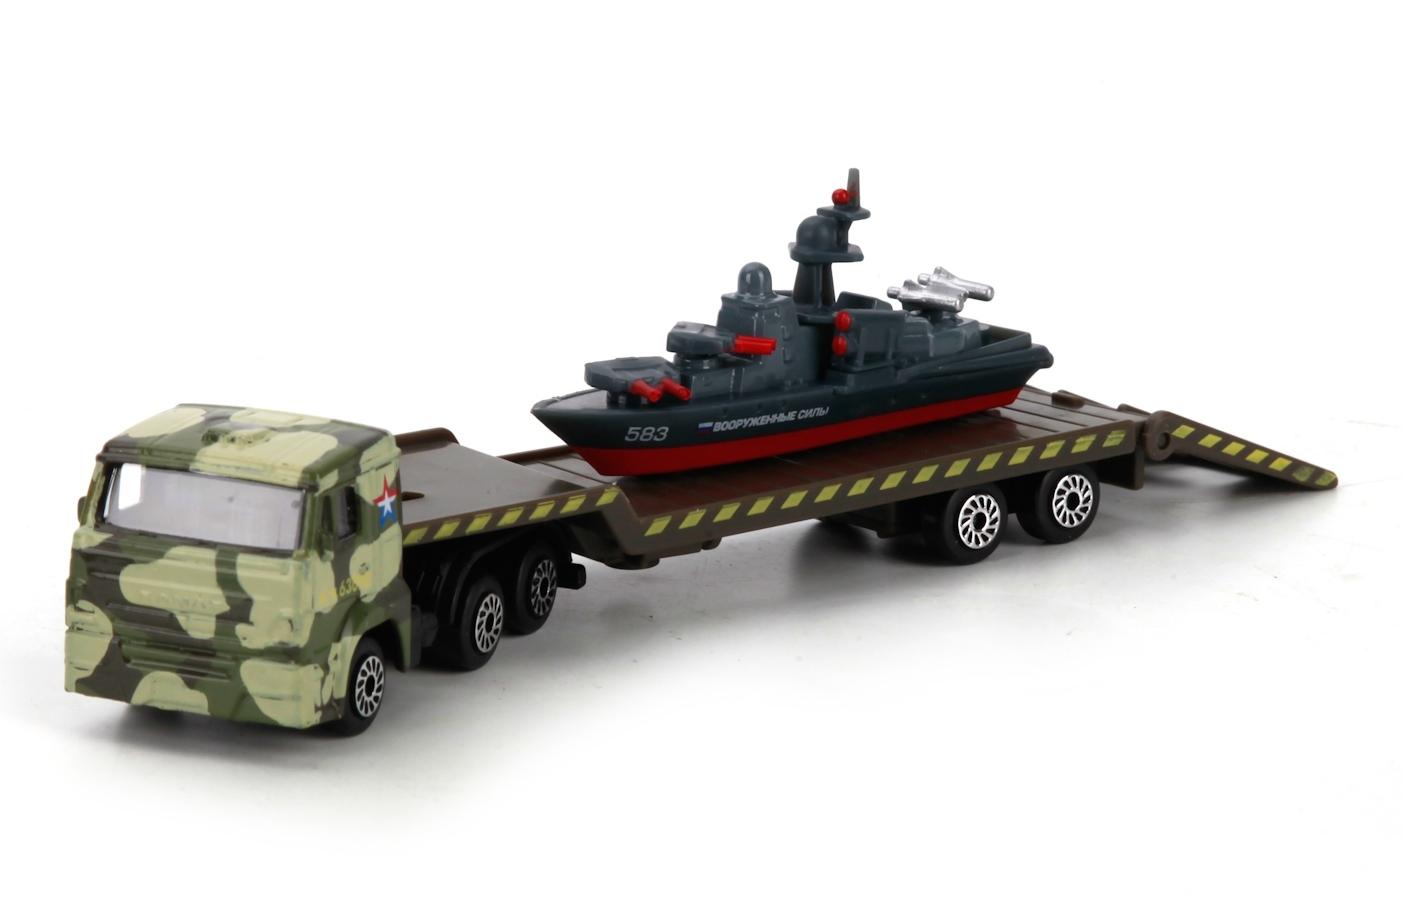 Машина Технопарк Камаз-транспортер с кораблем гаражи и игровые наборы технопарк игровой набор технопарк парковка спецслужб со спуском